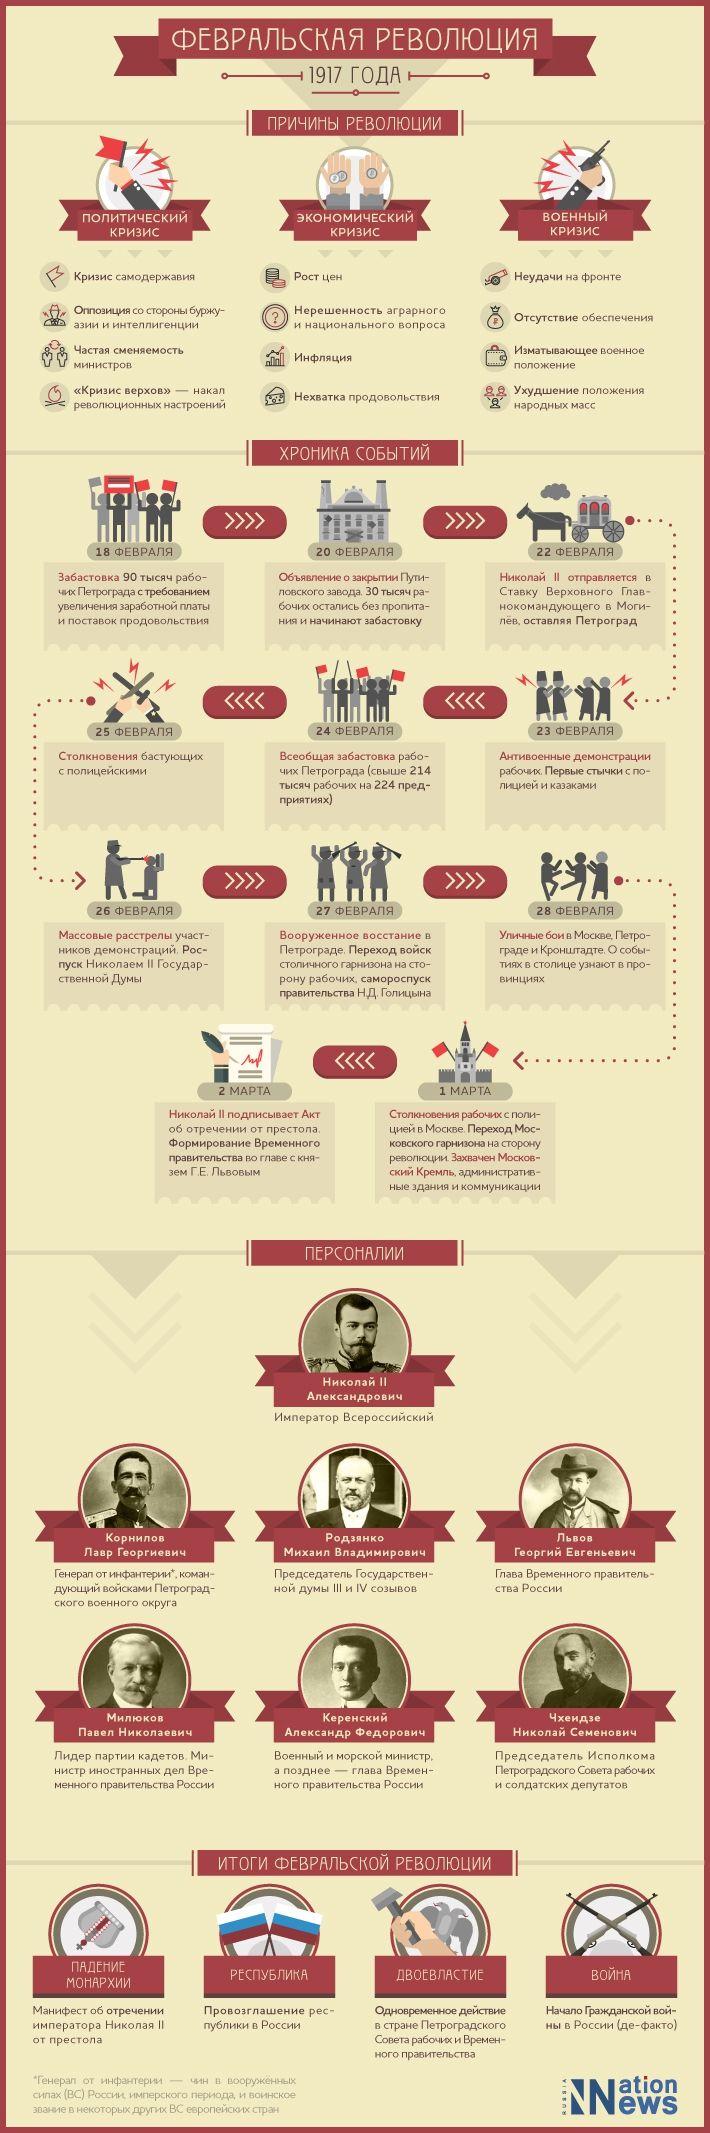 Инфографика «Февральская революция 1917 года»